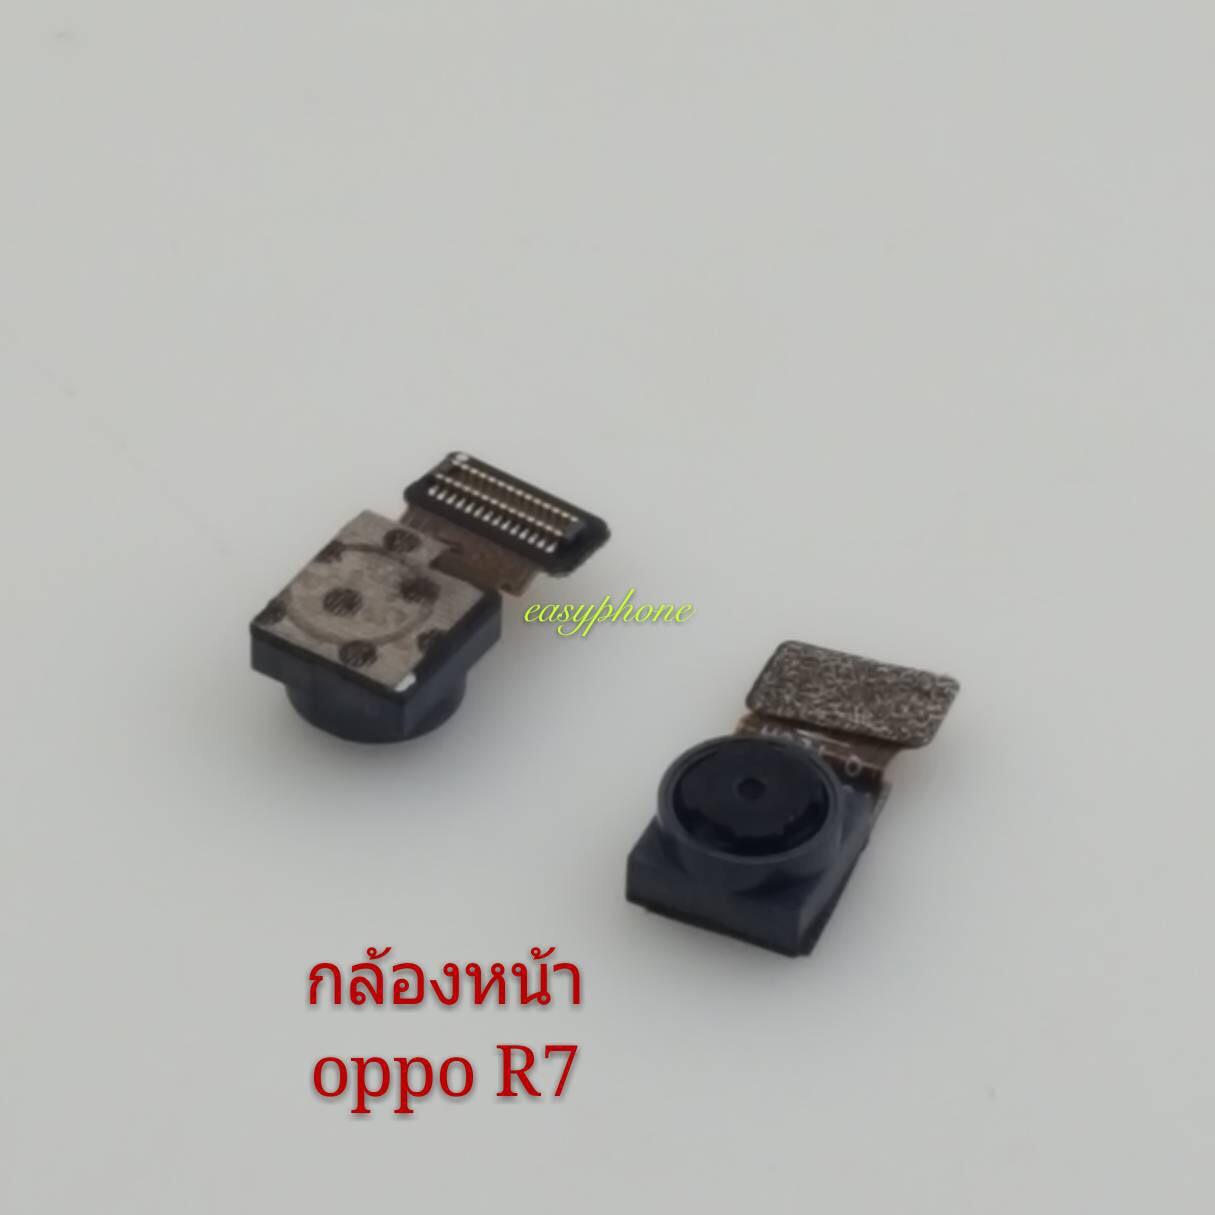 สายแพรกล้องหน้า OPPO R7